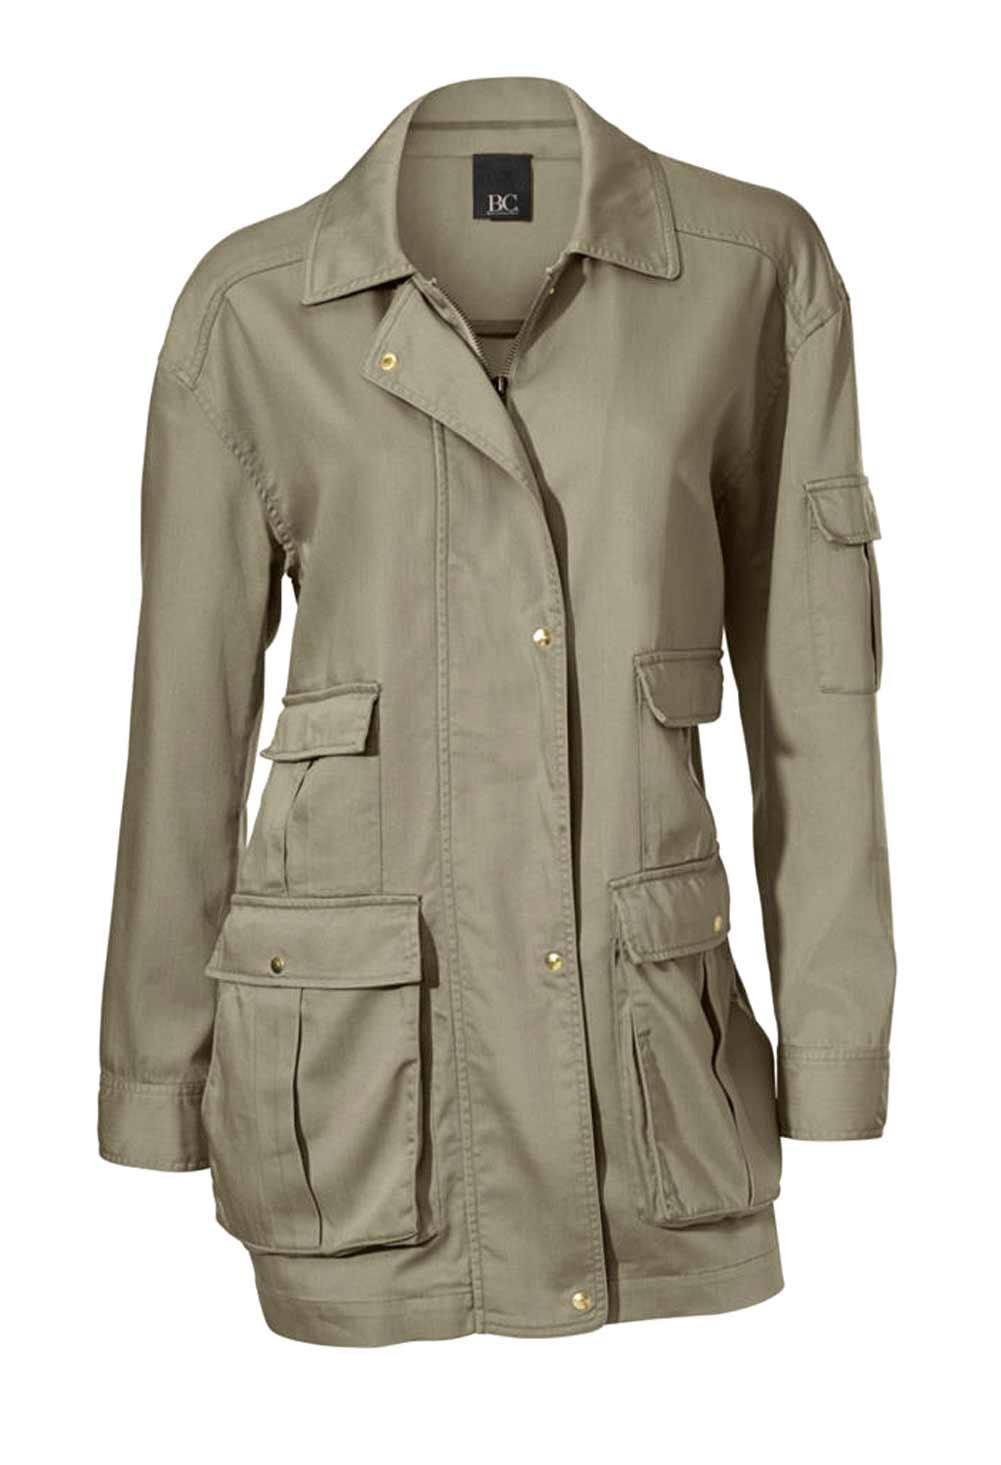 jacken auf rechnung bestellen als neukunde HEINE Damen Designer-Übergangsjacke Outdoor Safaristil Oliv Nieten 132.105 MISSFORTY